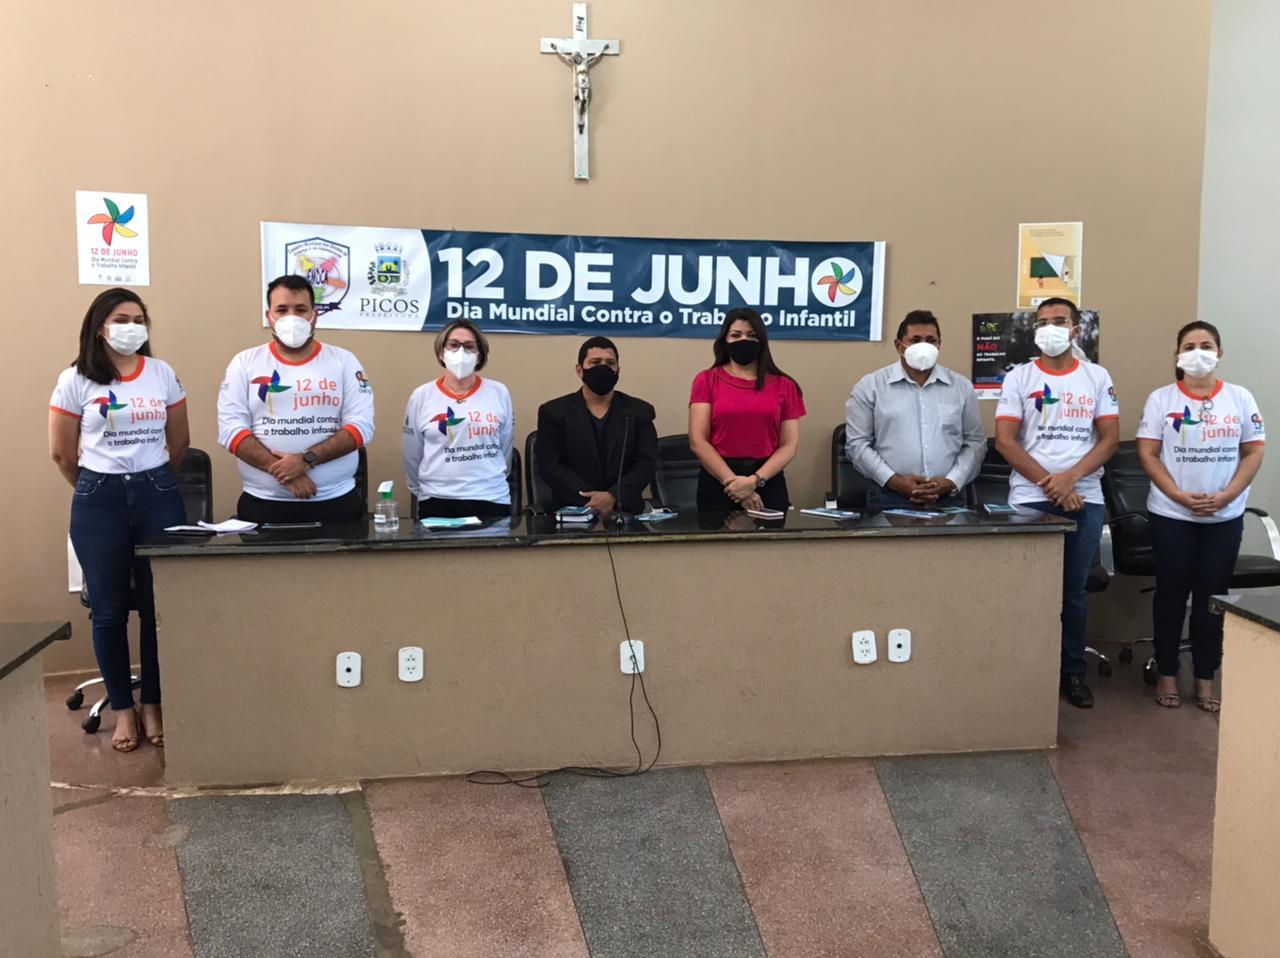 Prefeitura de Picos celebra Dia Mundial de Combate ao Trabalho Infantil